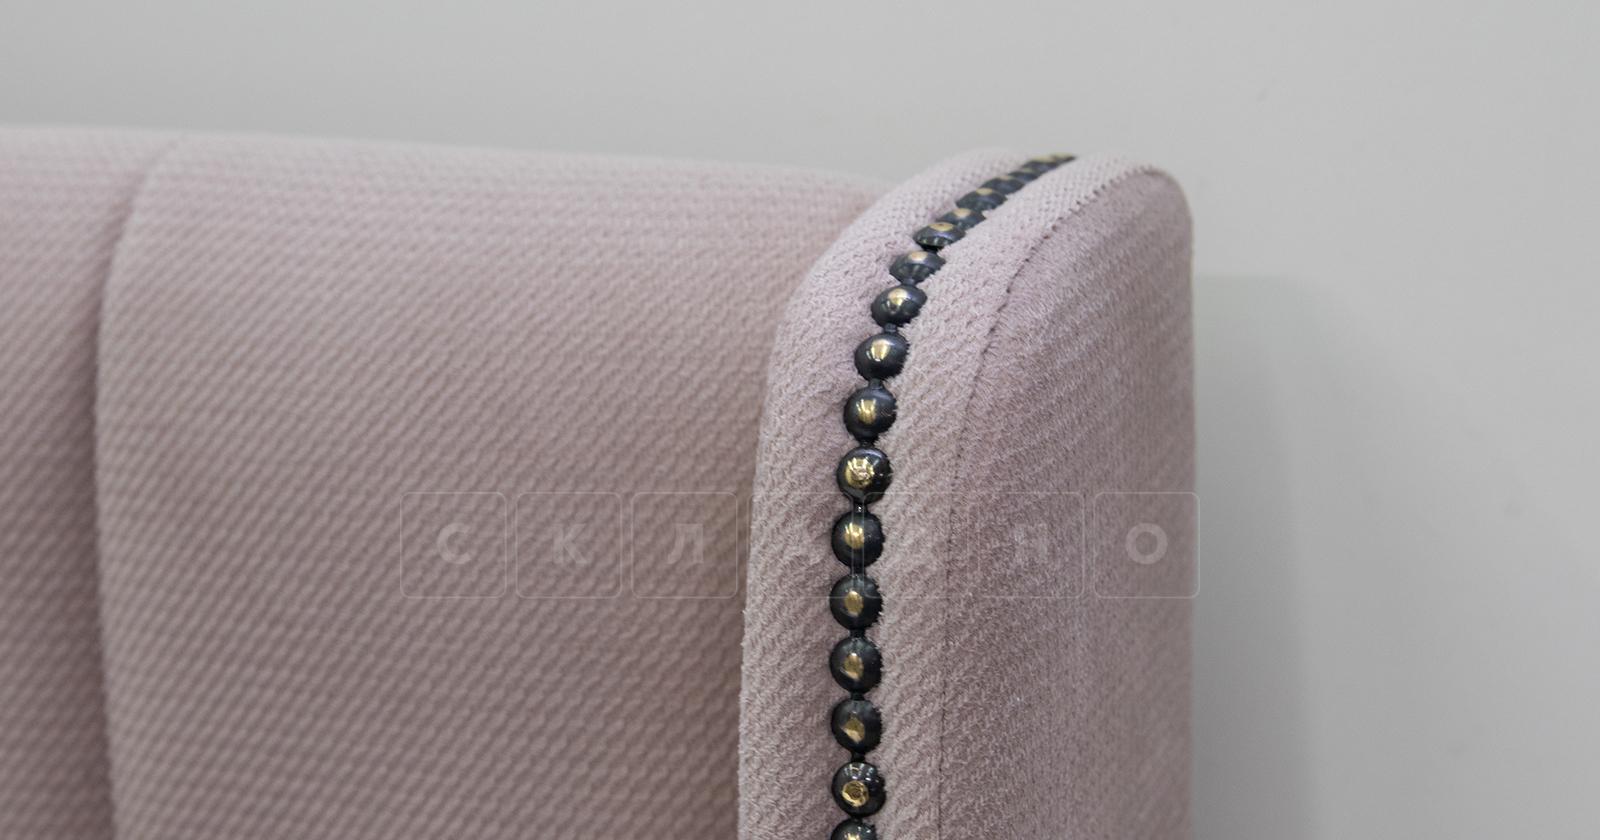 Мягкая кровать Мелисса 160 см велюр ява фото 7 | интернет-магазин Складно